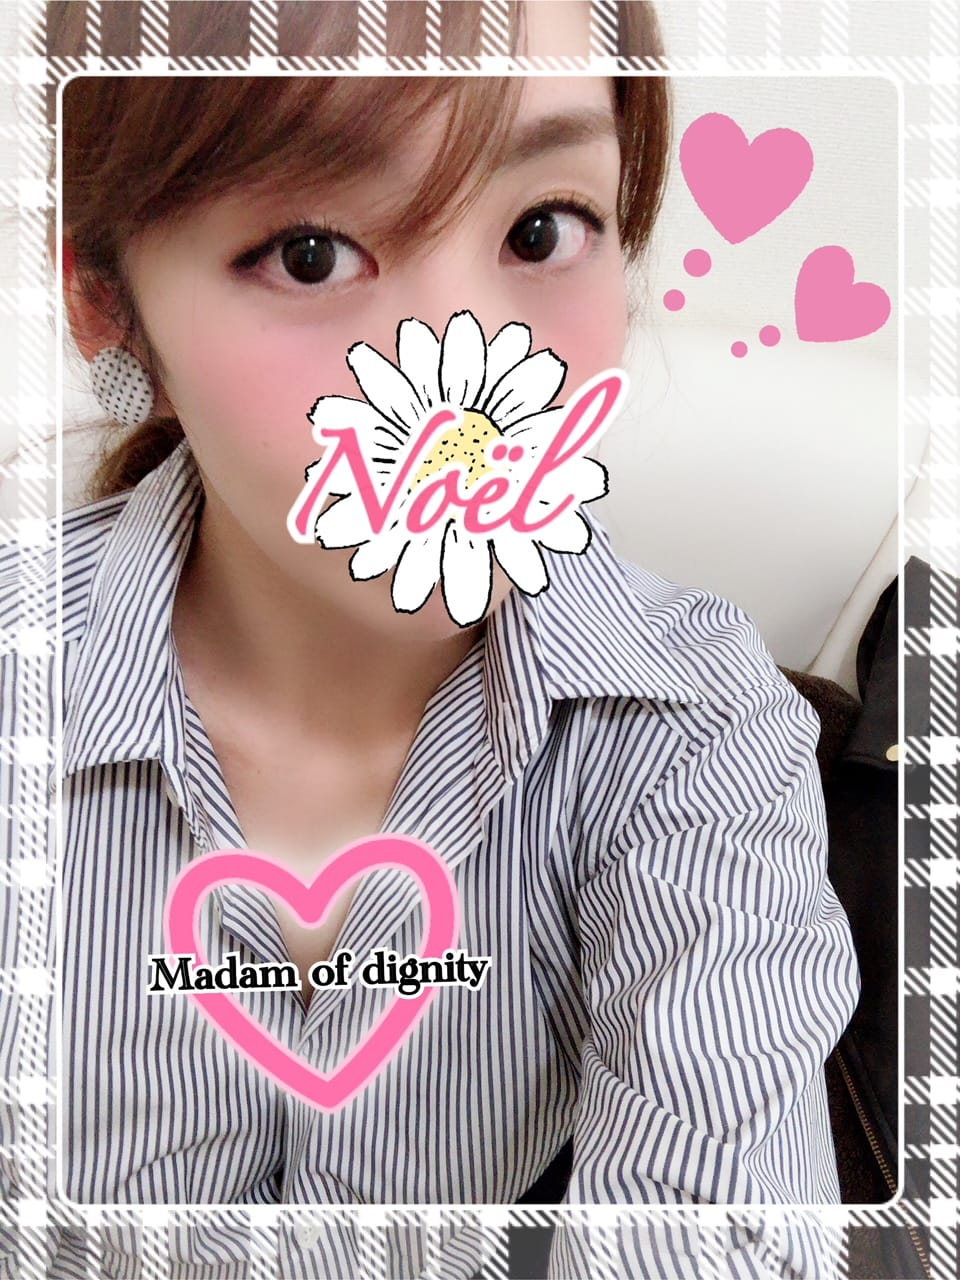 「こんばんは?」03/27(火) 21:07 | のえるの写メ・風俗動画